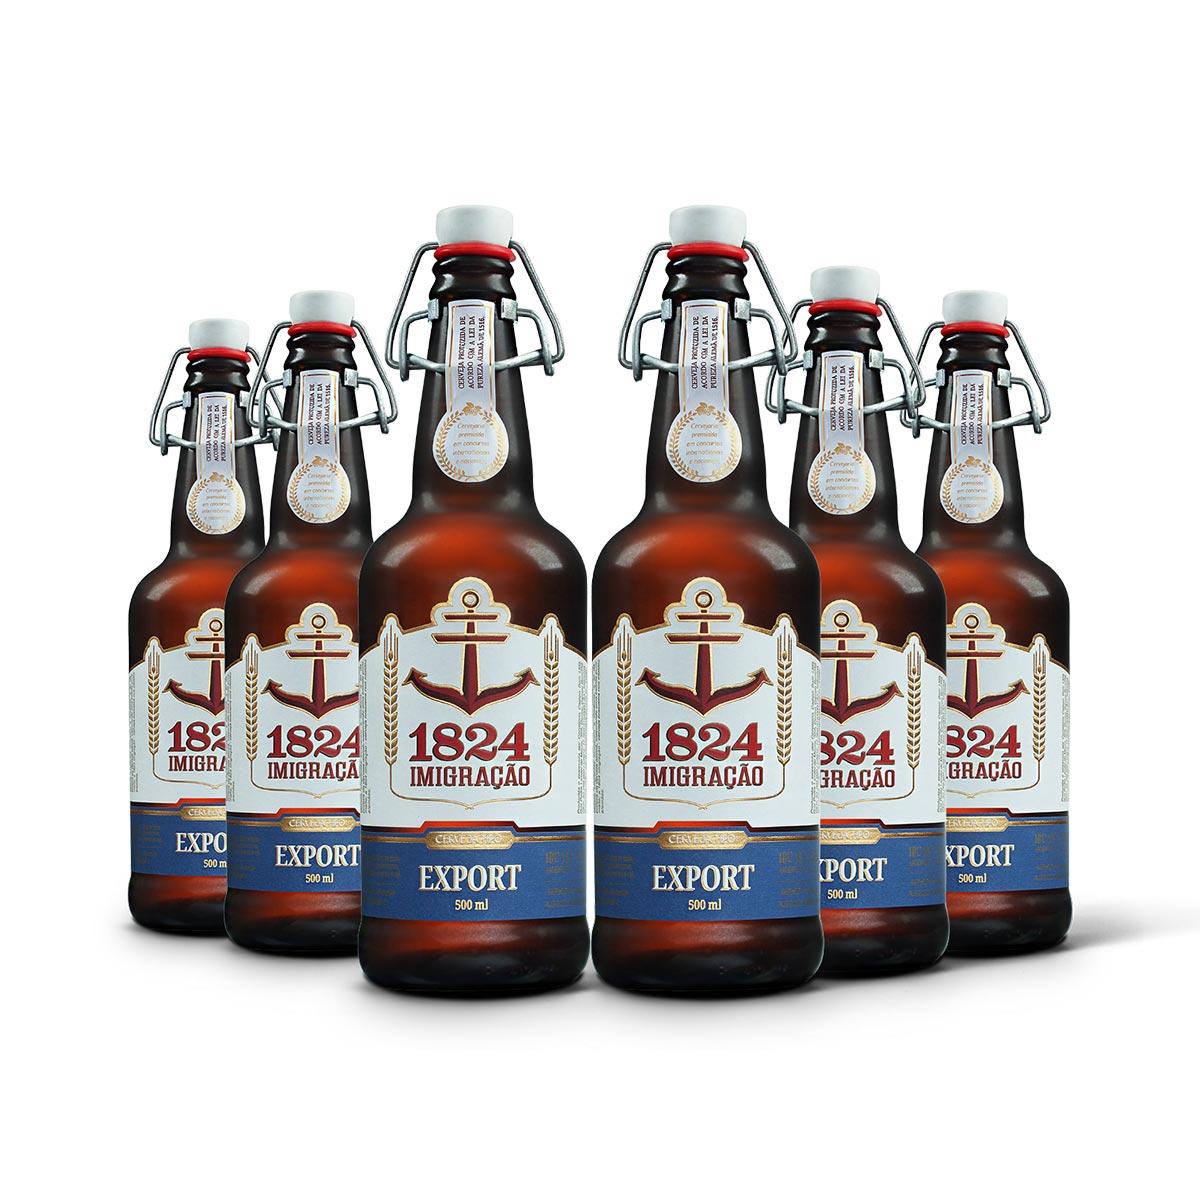 Pack Imigração Export 6 cervejas 500ml